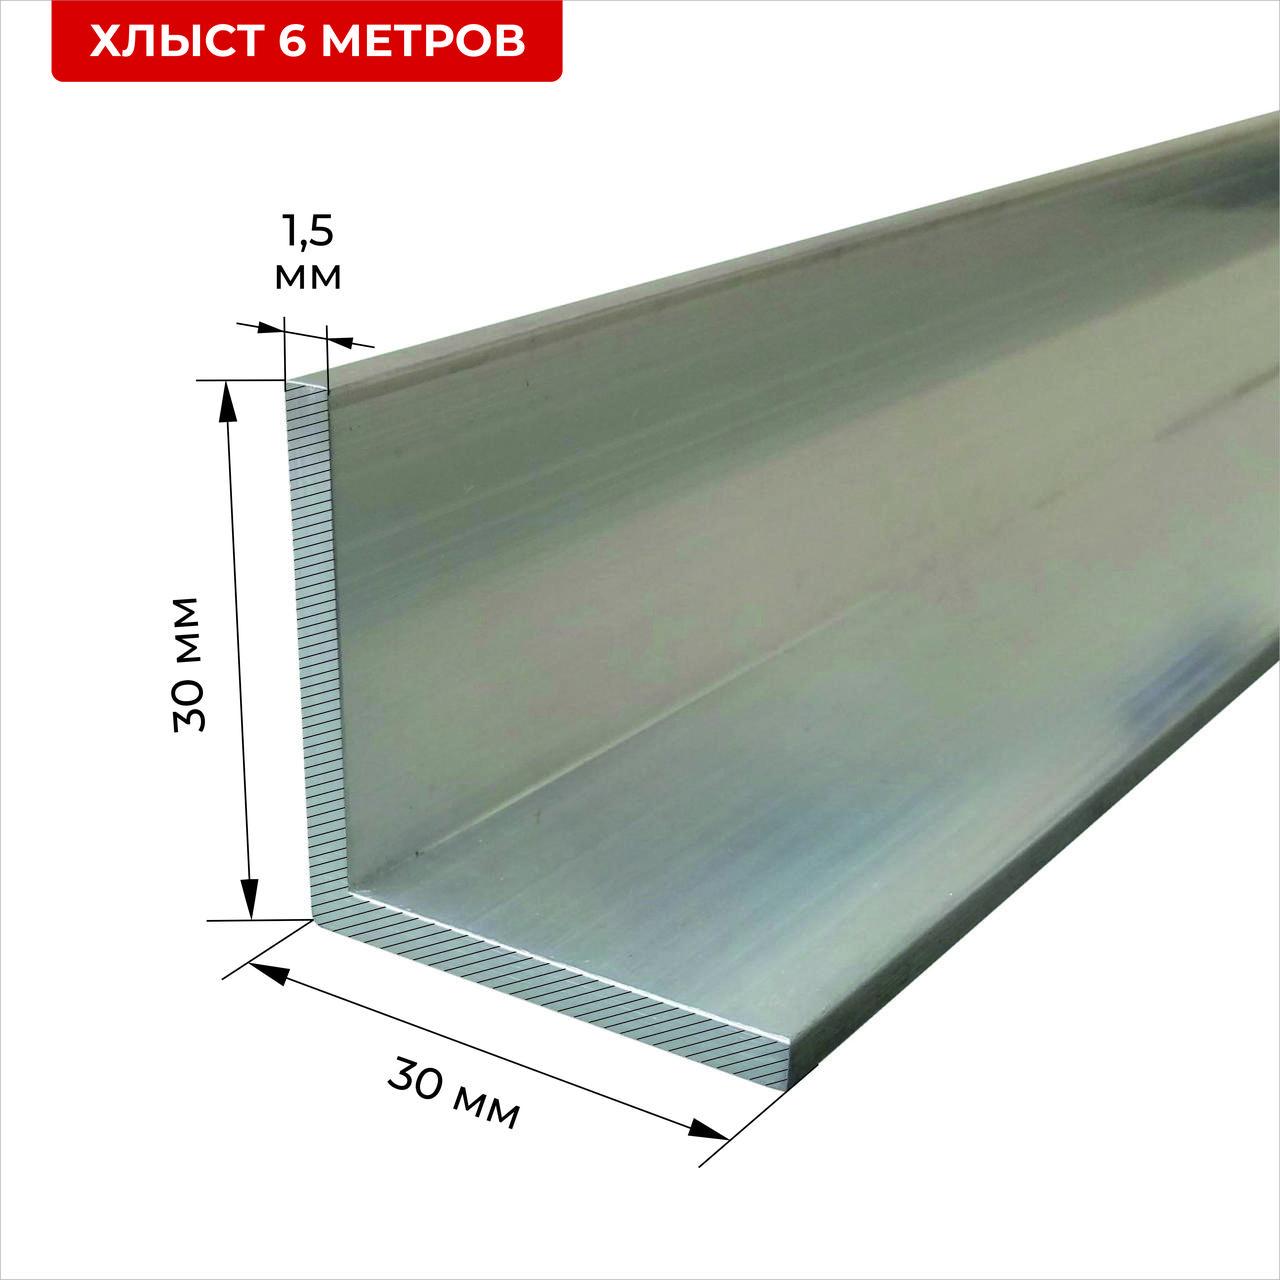 Уголок алюминиевый 30*30*1,5 6м